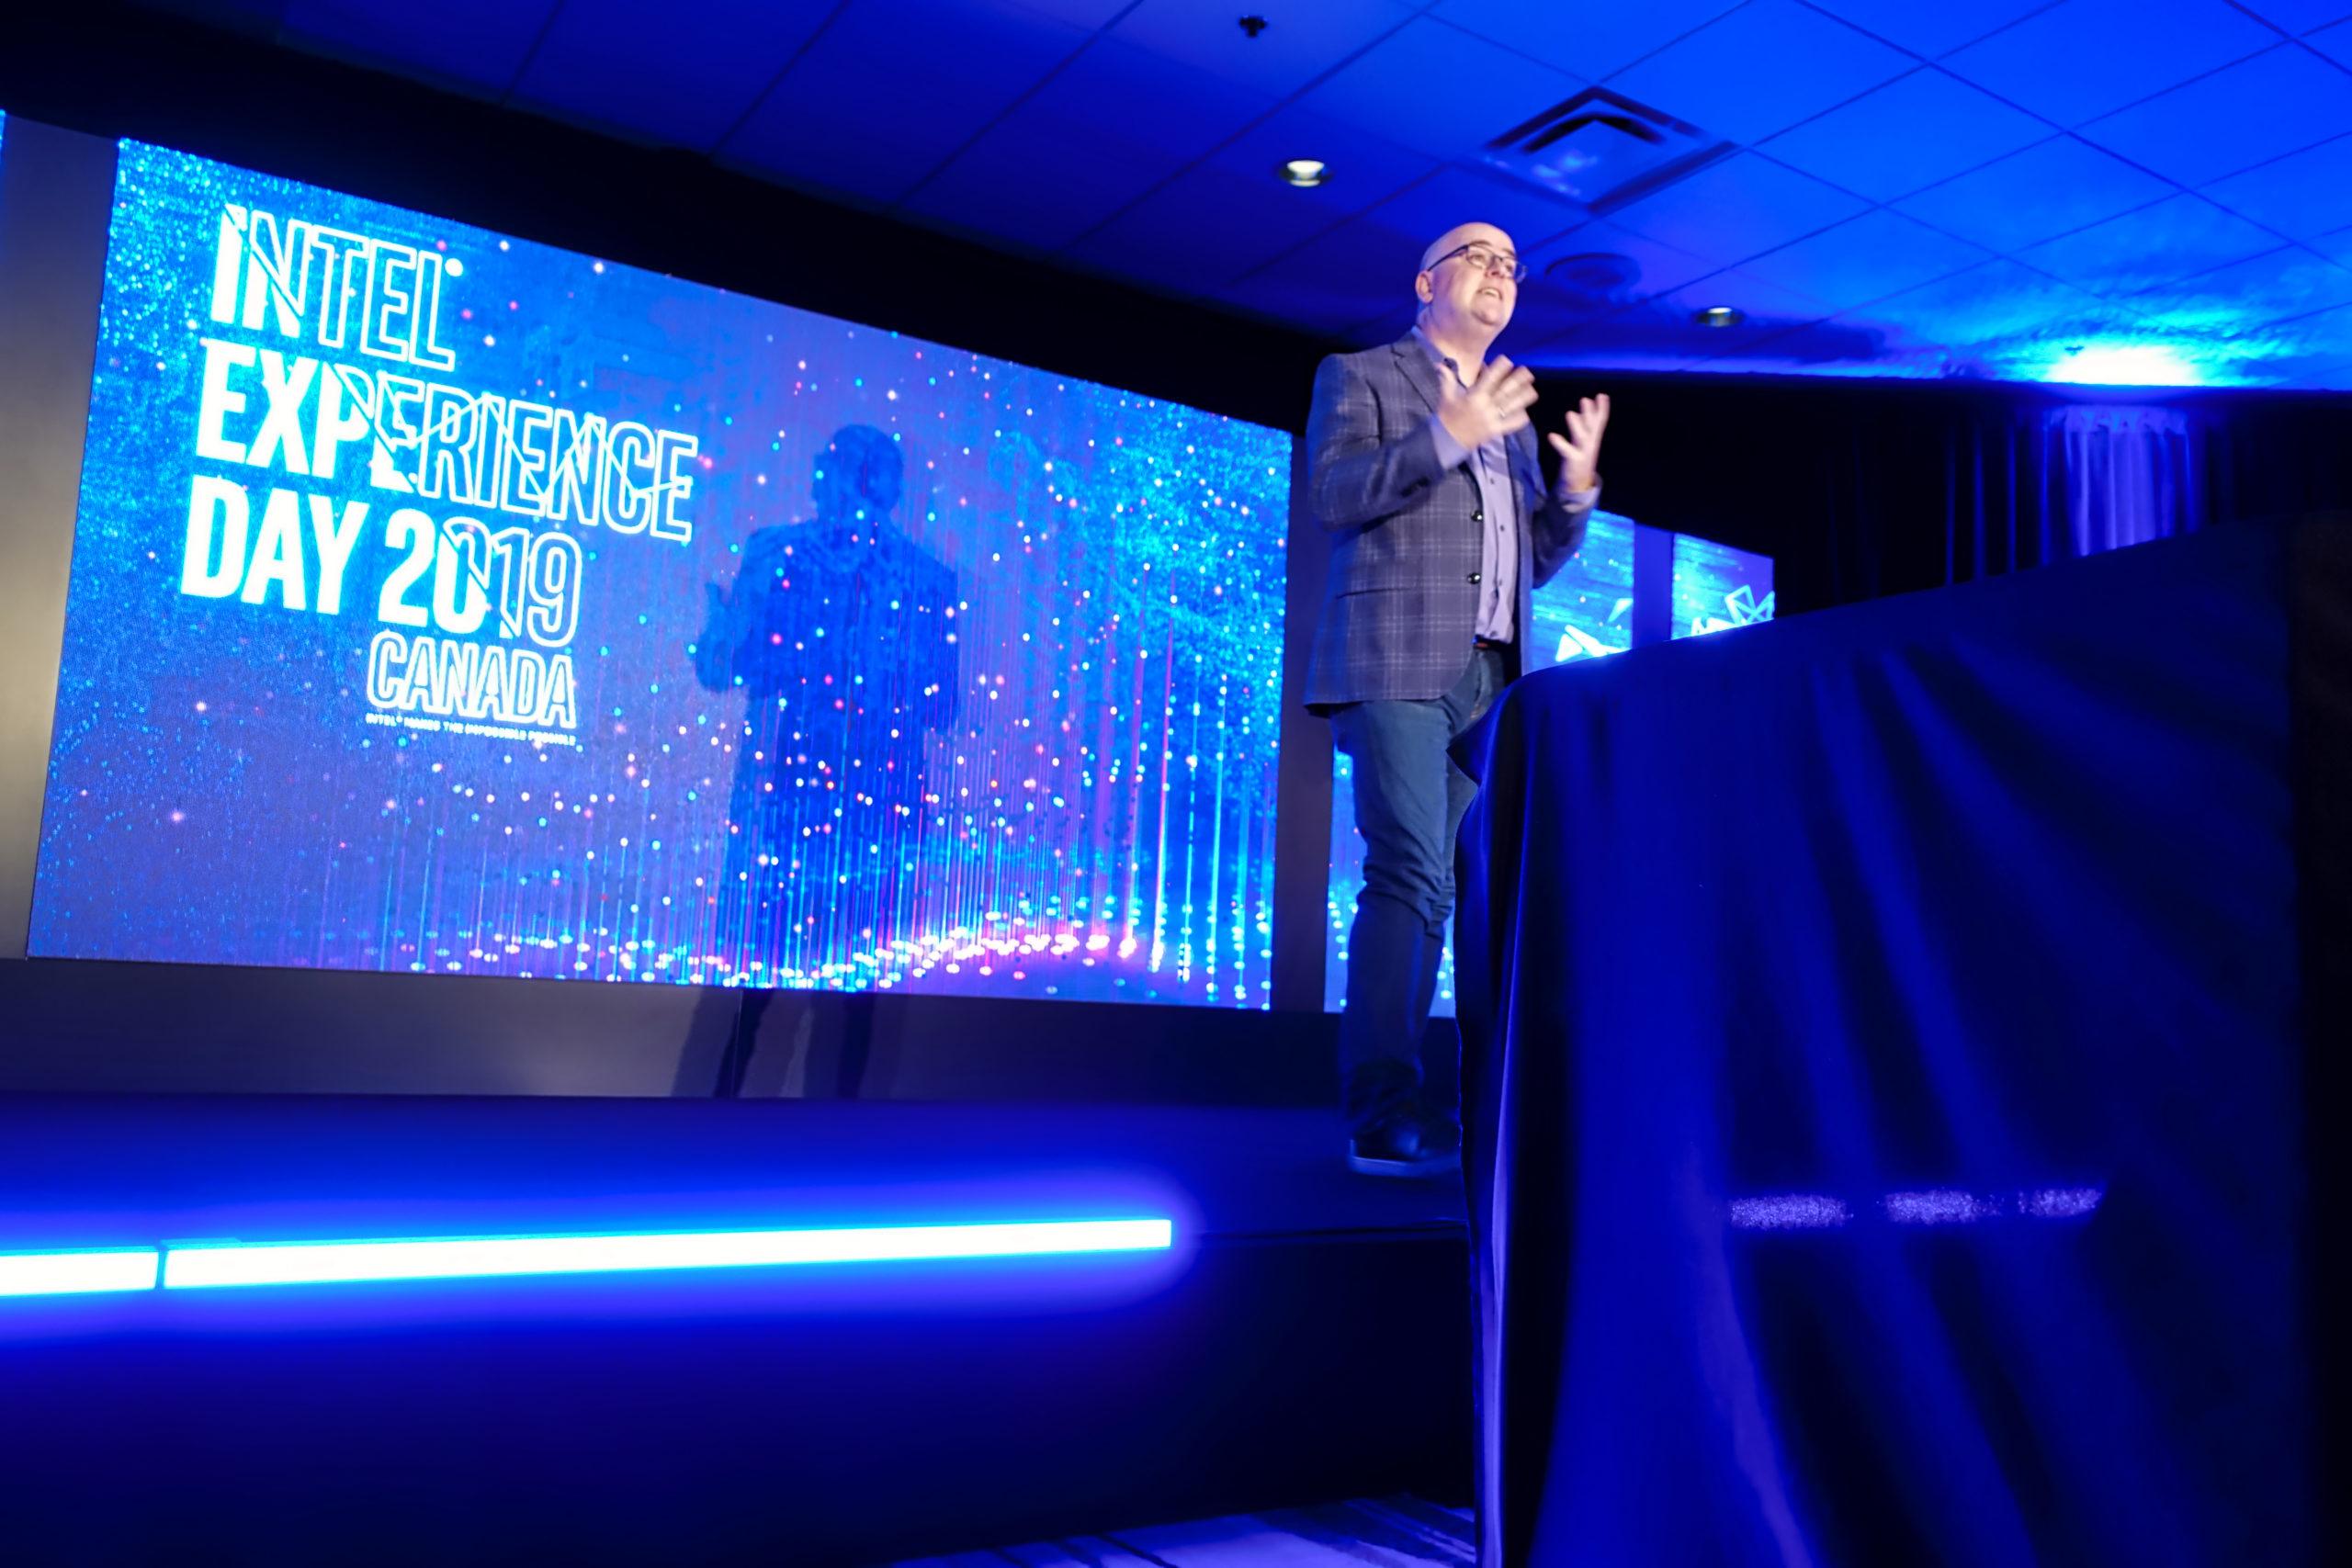 Steve Brown, spécialiste indépendant incontesté et ancien futuriste et évangéliste en chef chez Intel lors du Intel Experience Day 2019. Photo : Eric Martel | Sony RX100M5